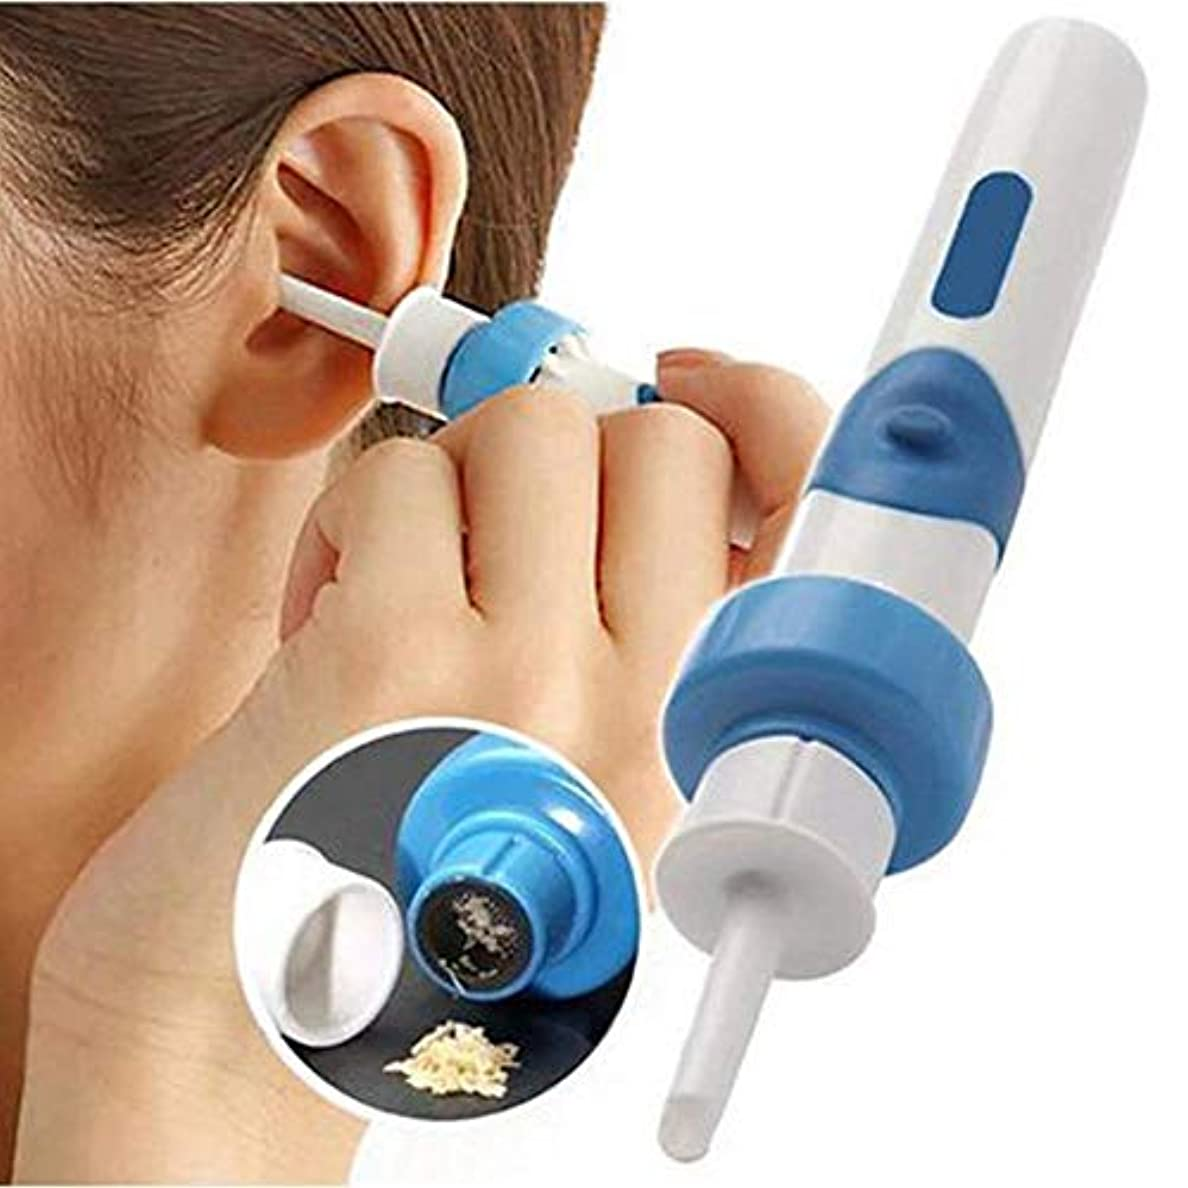 巻き戻すありがたい嫌がるProtable真空耳クリーナーマシン電子クリーニングの耳垢が耳かきクリーナーを防ぐ耳ピッククリーンツールケアを削除します。